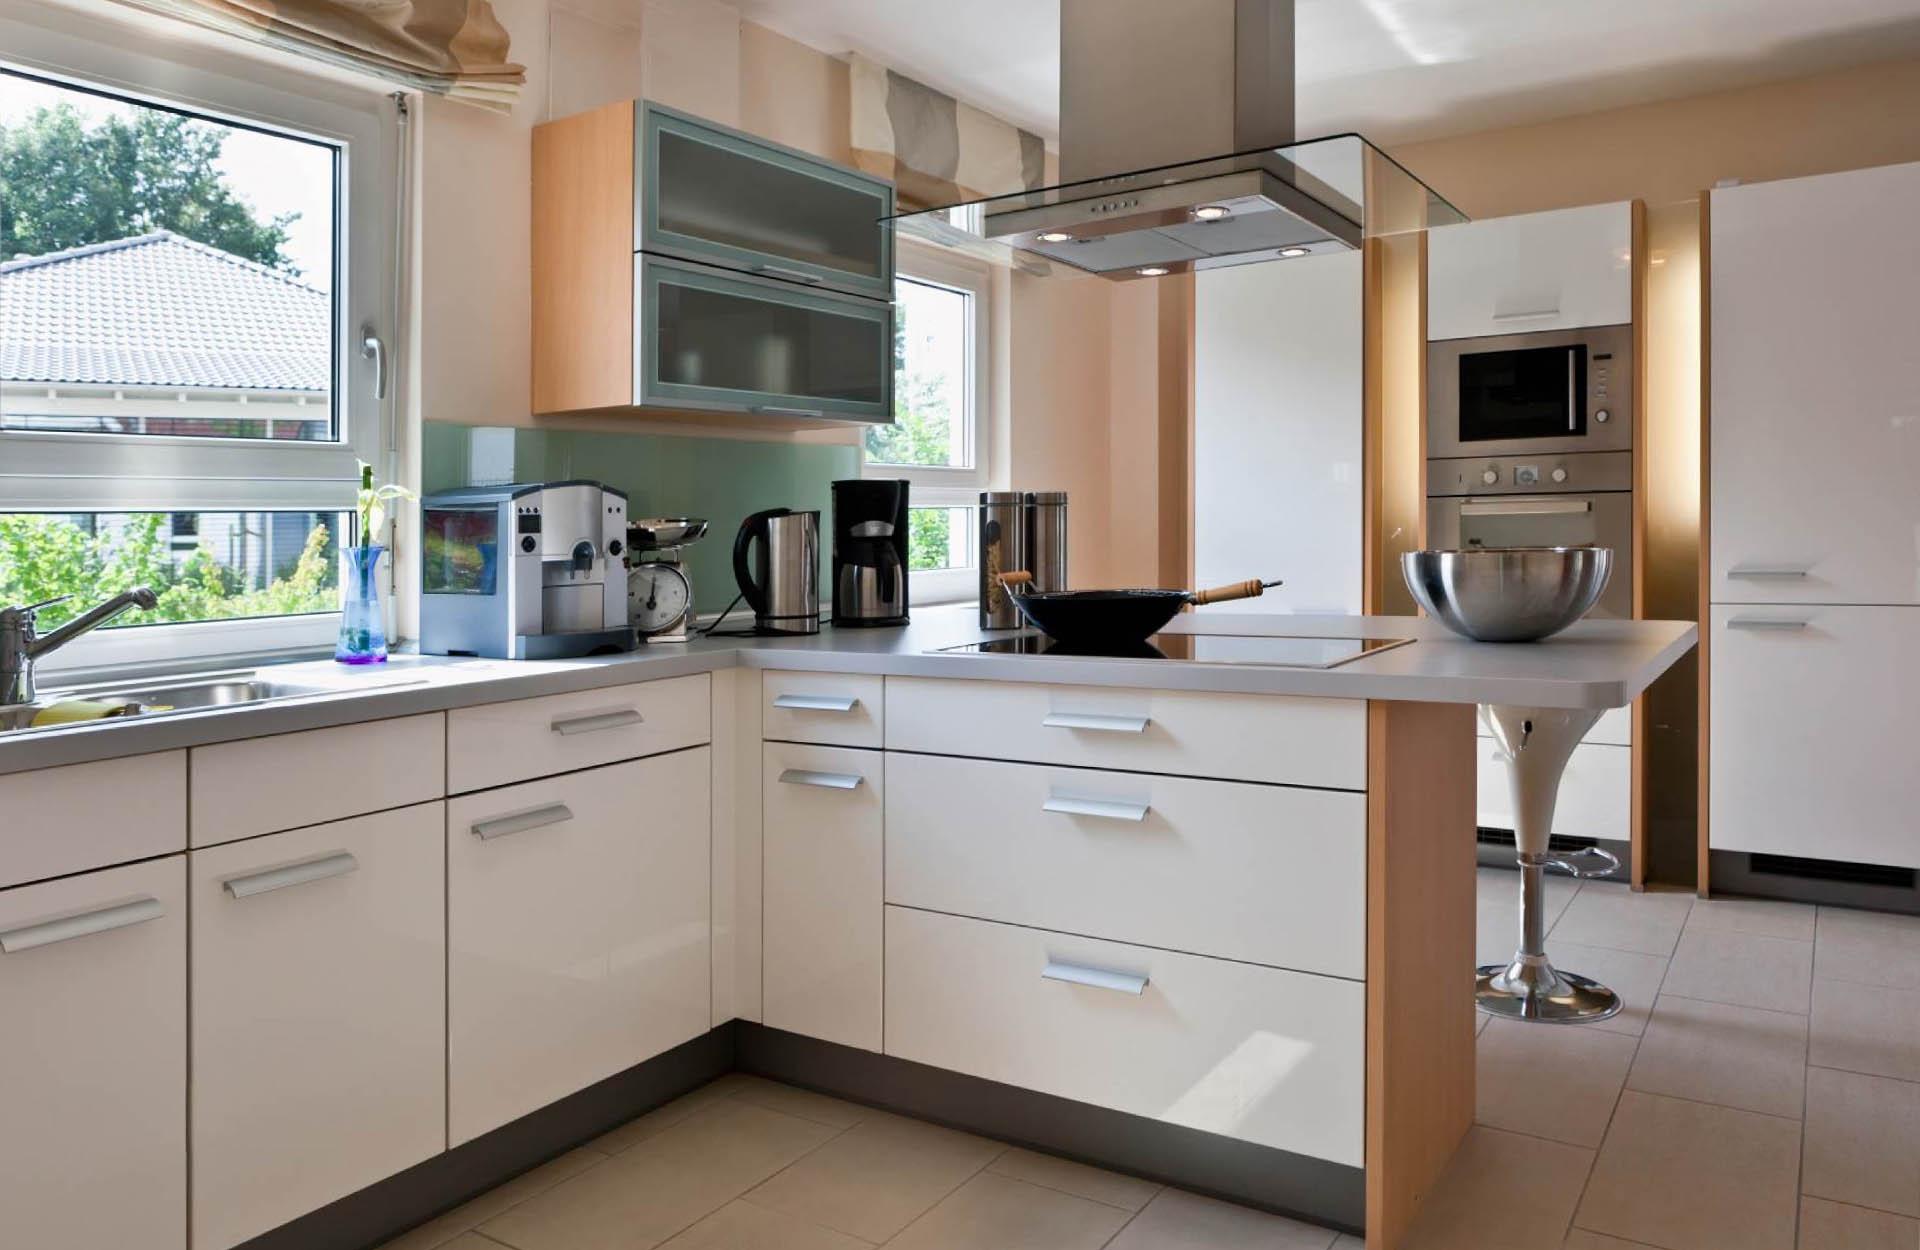 Cucine Componibili Con Angolo cucina ad angolo: una configurazione ergonomica - sanasi cucine